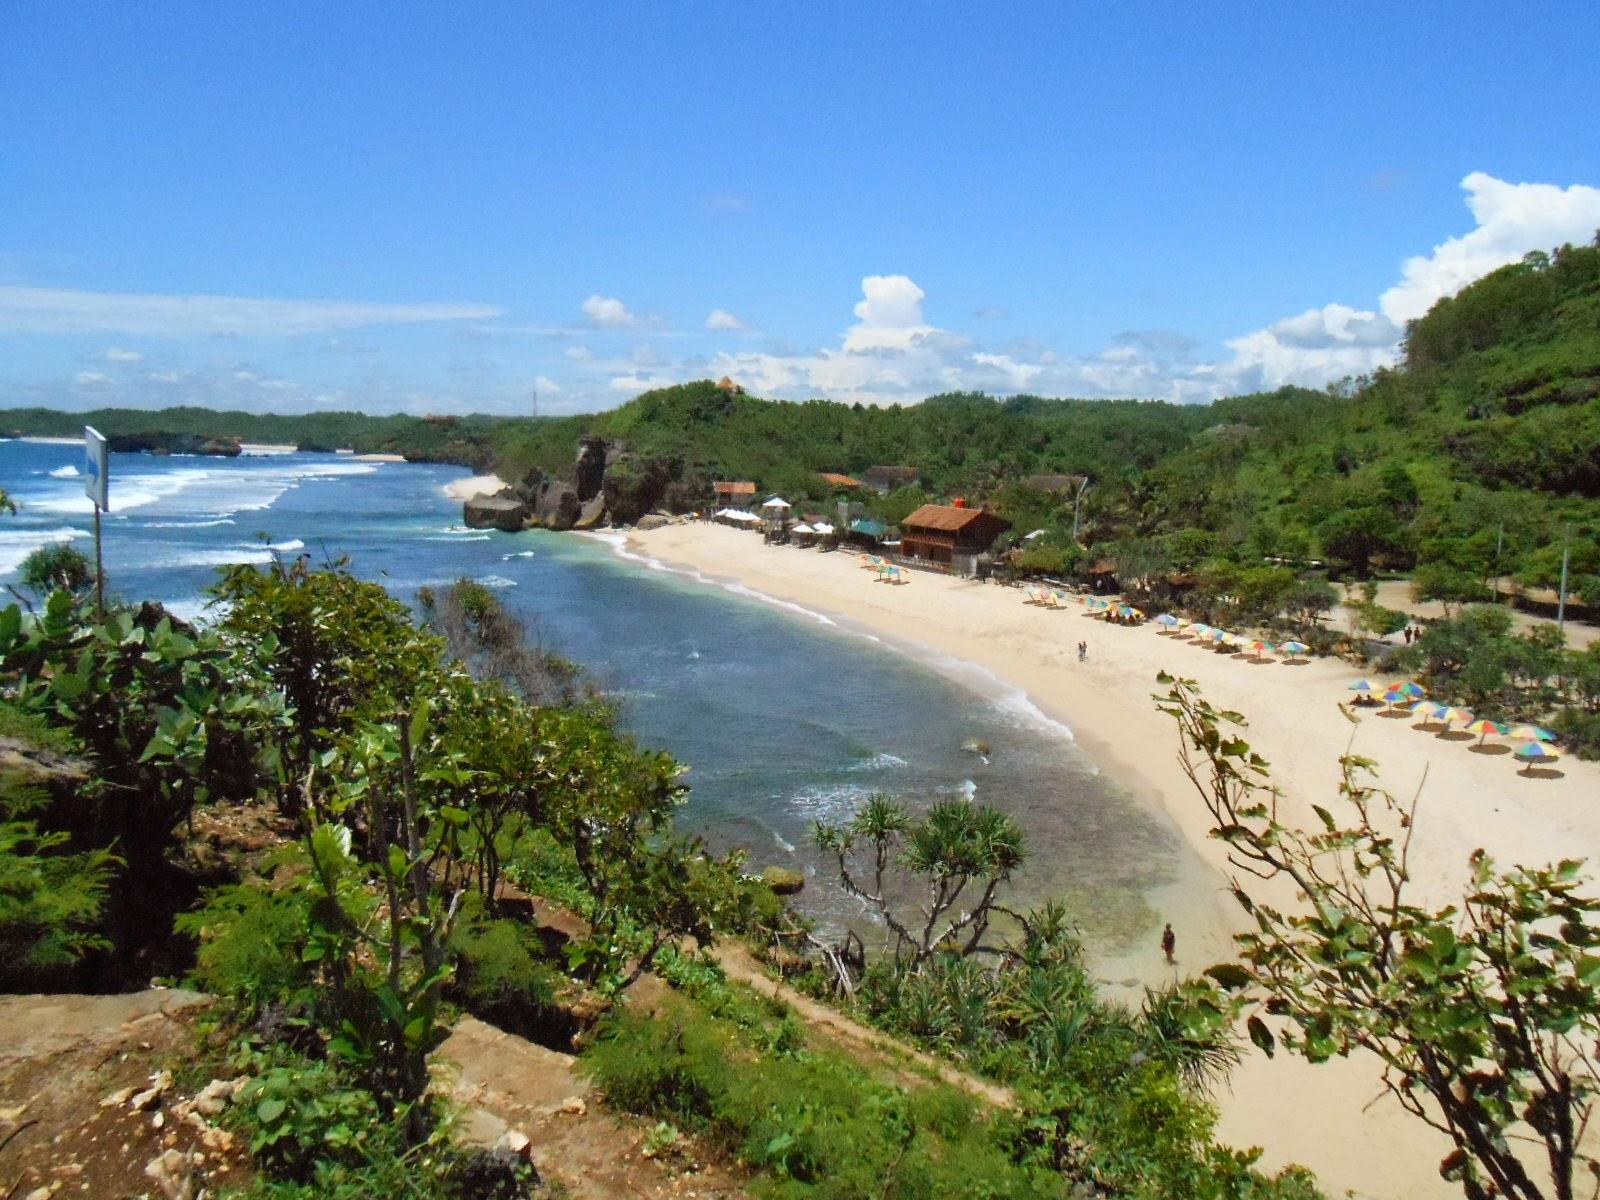 Wisata Pantai Sundak - Yogyakarta